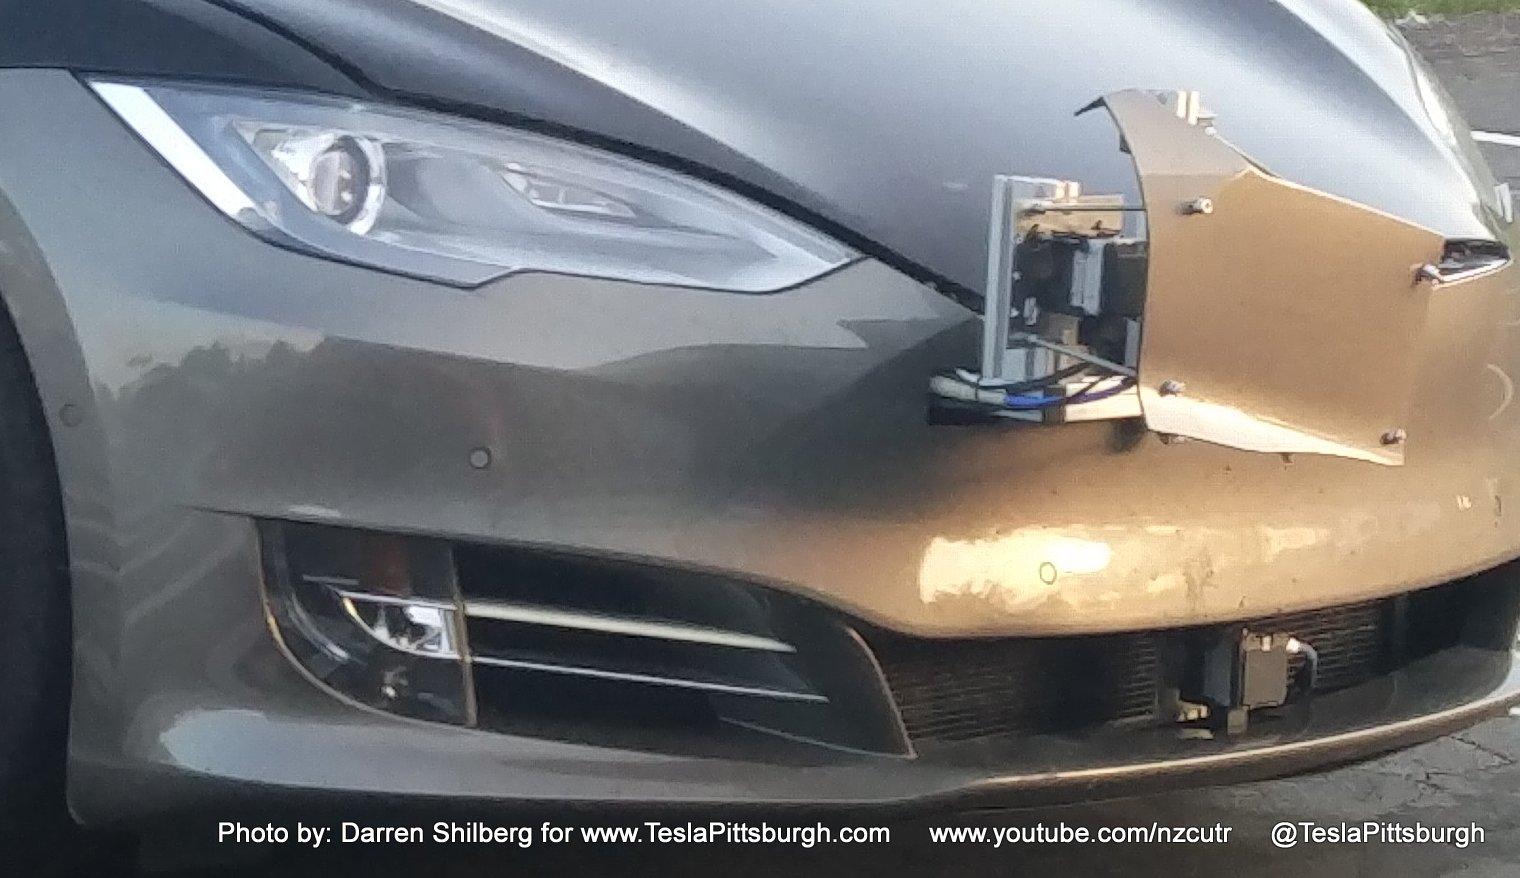 Tesla autopilot hardware